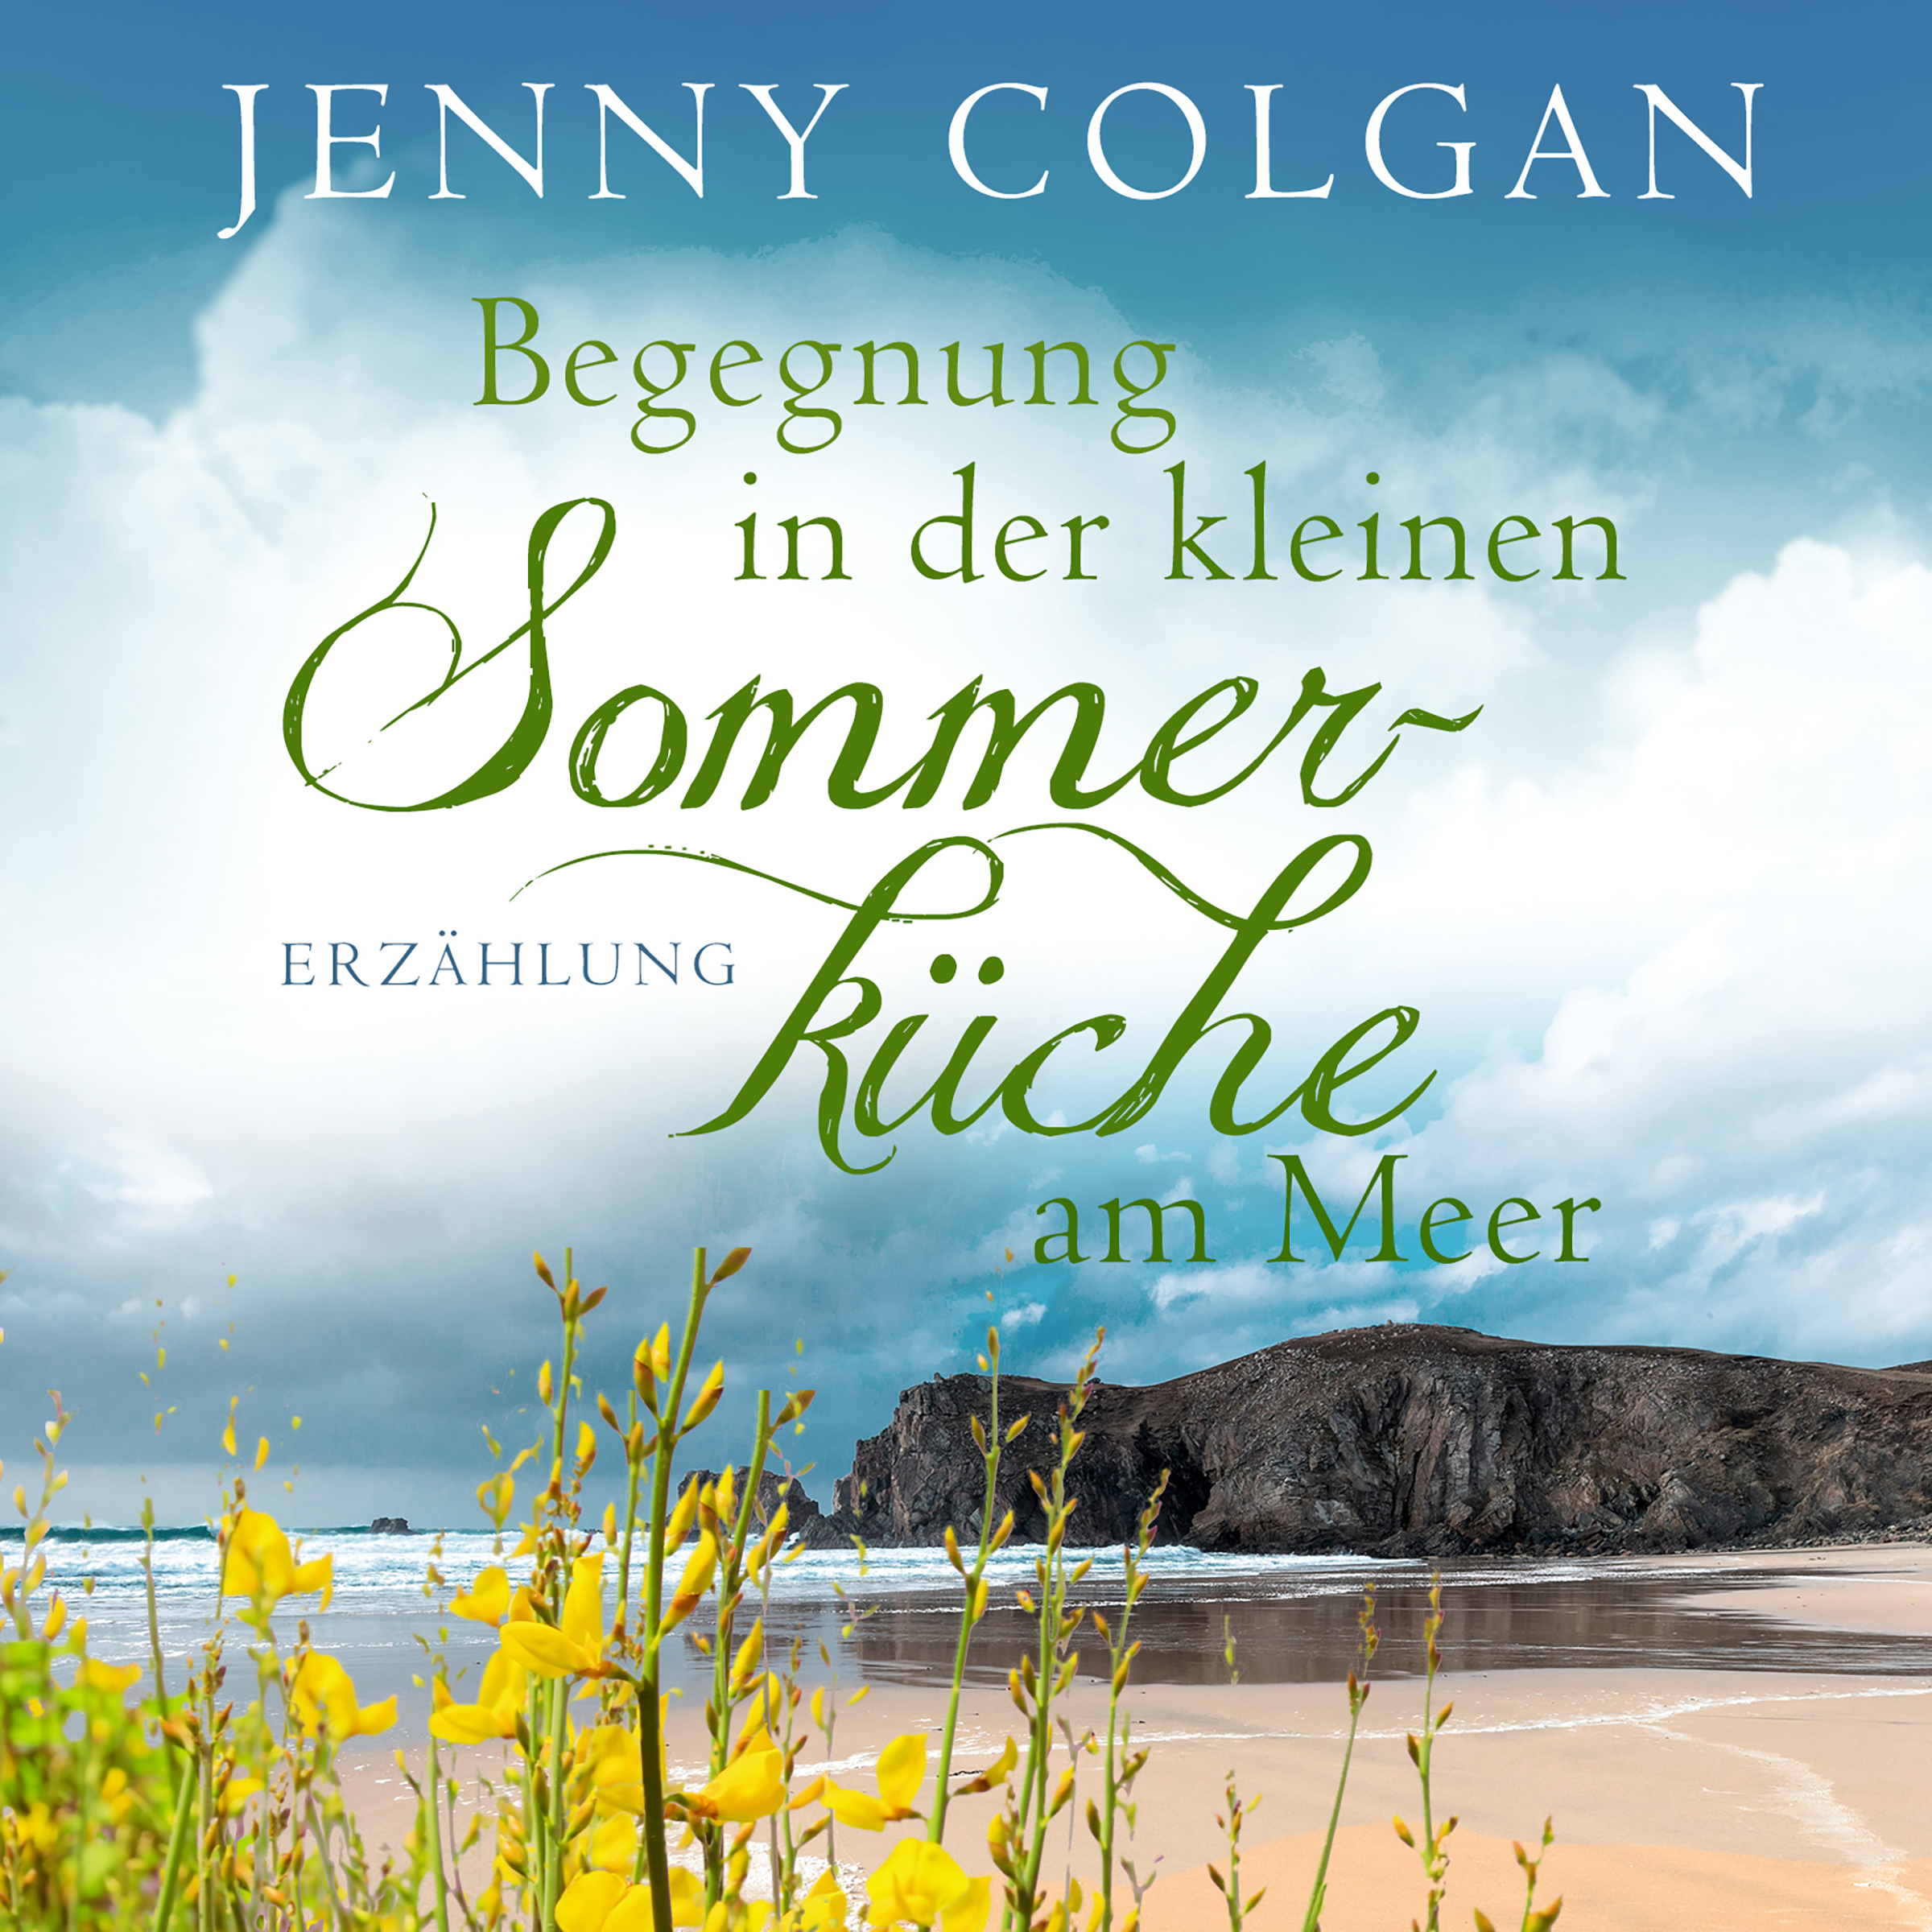 Hörbuch: Jenny Colgan - Begegnung in der kleinen Sommerküche am Meer -